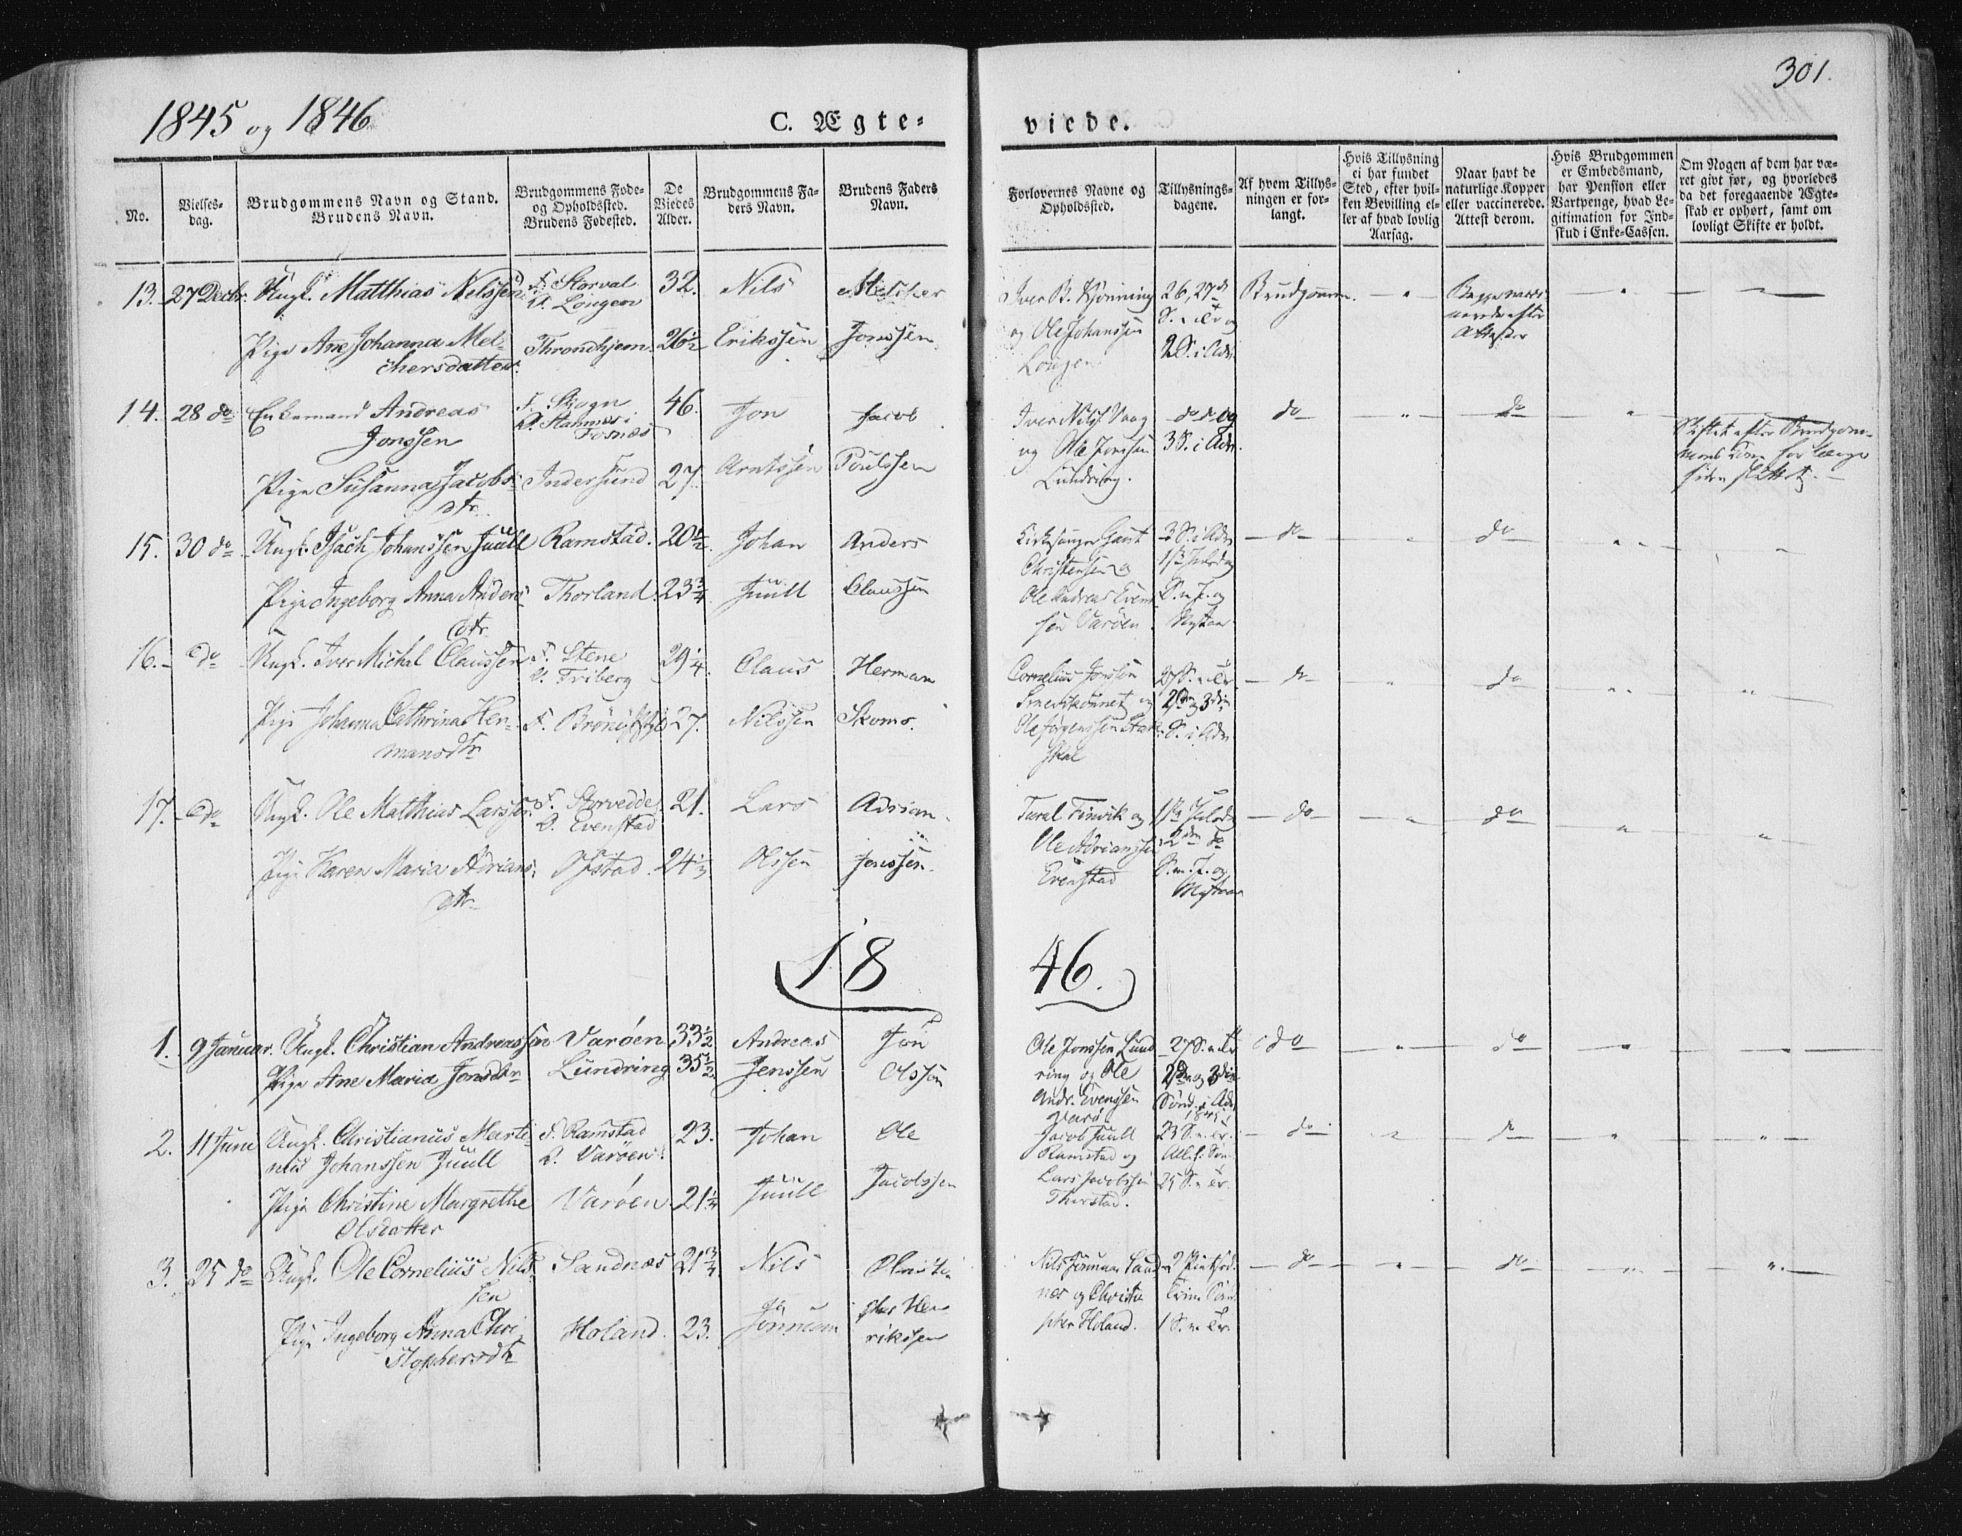 SAT, Ministerialprotokoller, klokkerbøker og fødselsregistre - Nord-Trøndelag, 784/L0669: Ministerialbok nr. 784A04, 1829-1859, s. 301